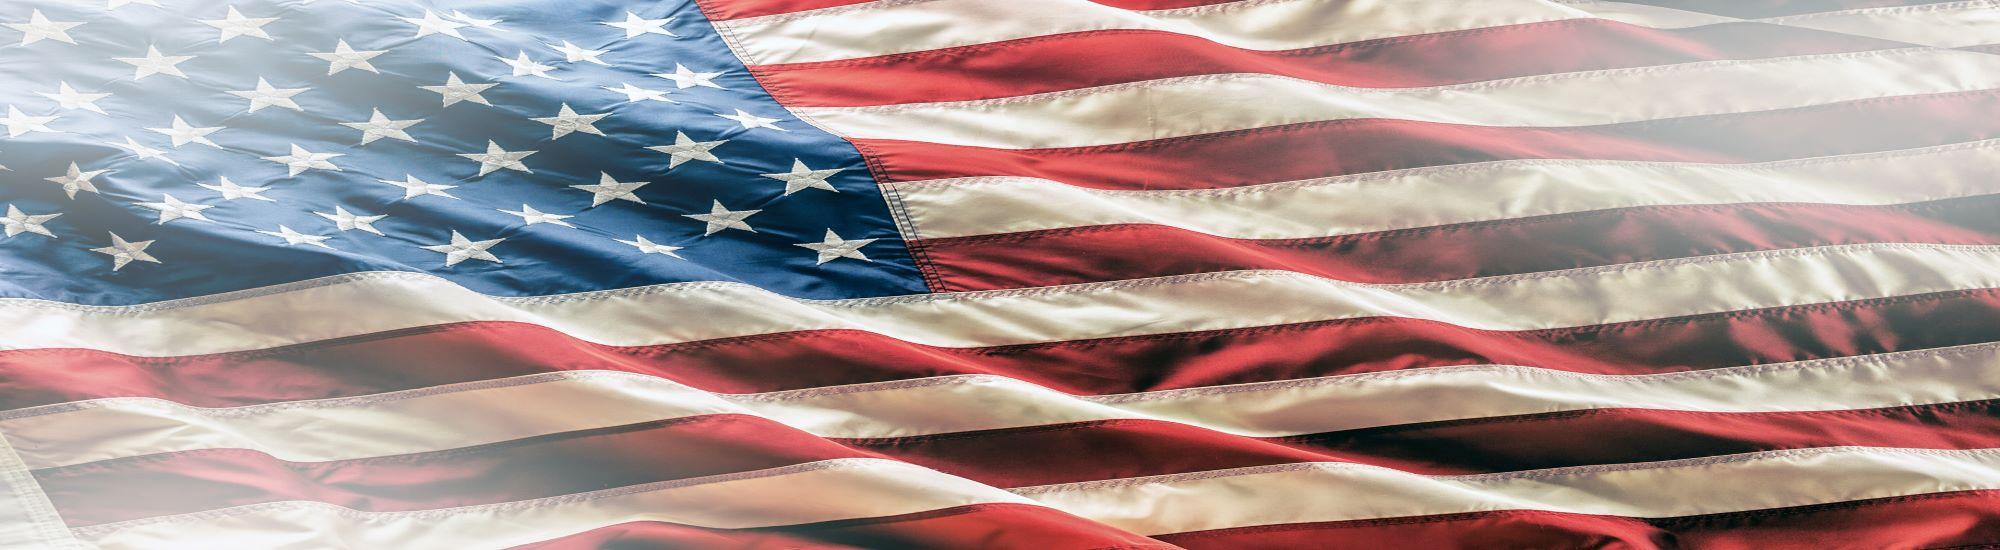 a wavy American flag